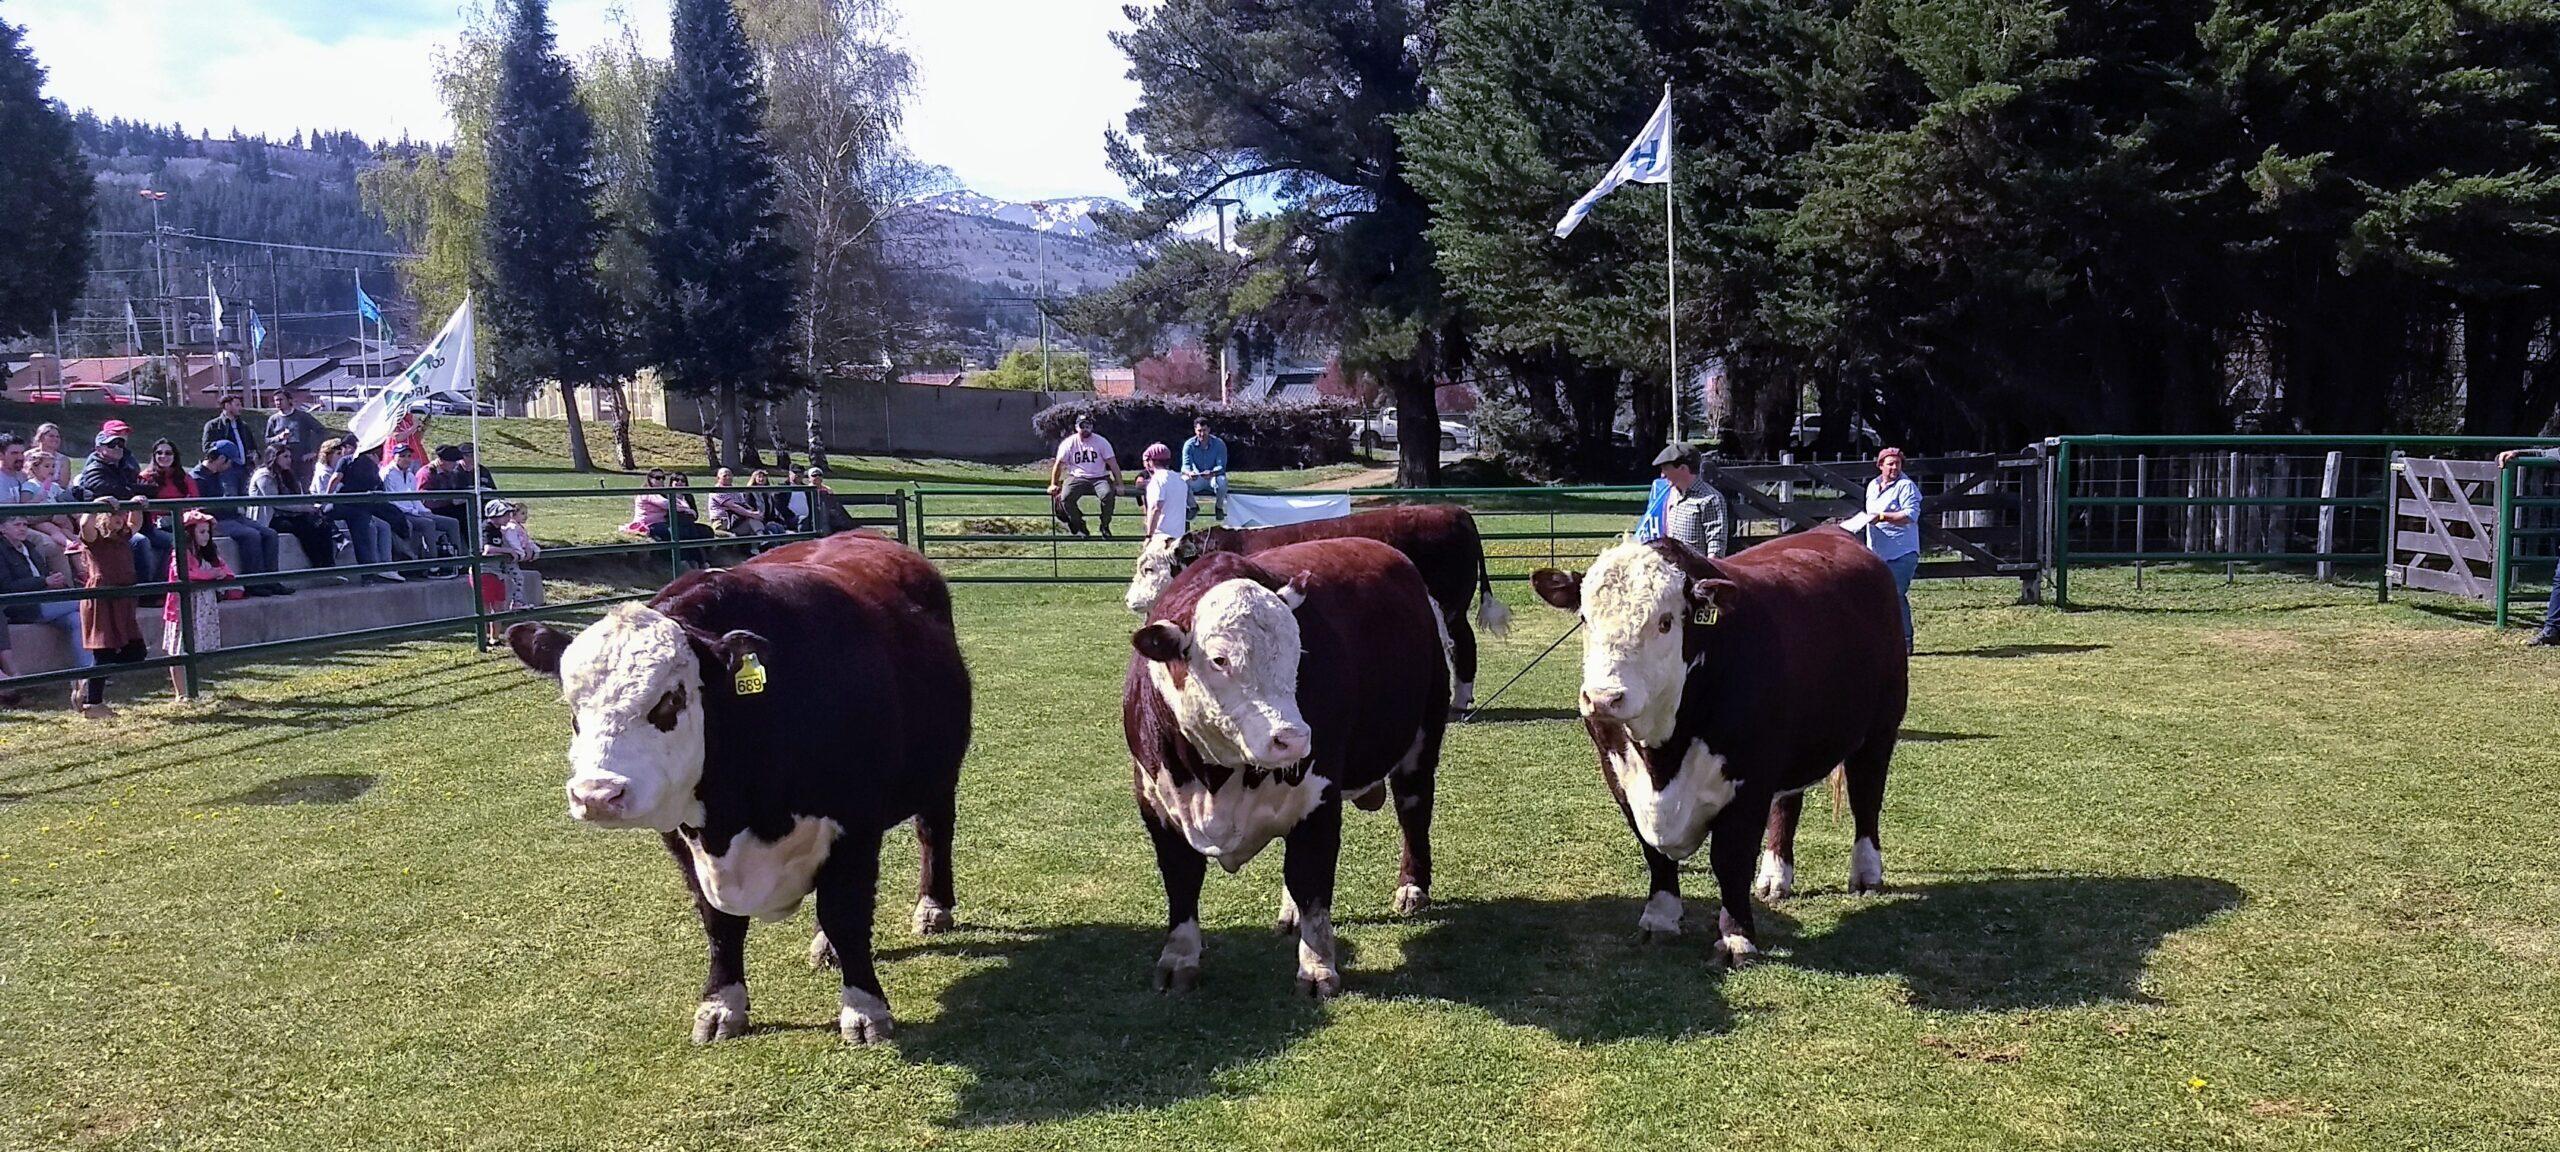 44° Exposición Bovina en Esquel: Fuerte defensa del Gobierno Provincial sobre la propiedad privada